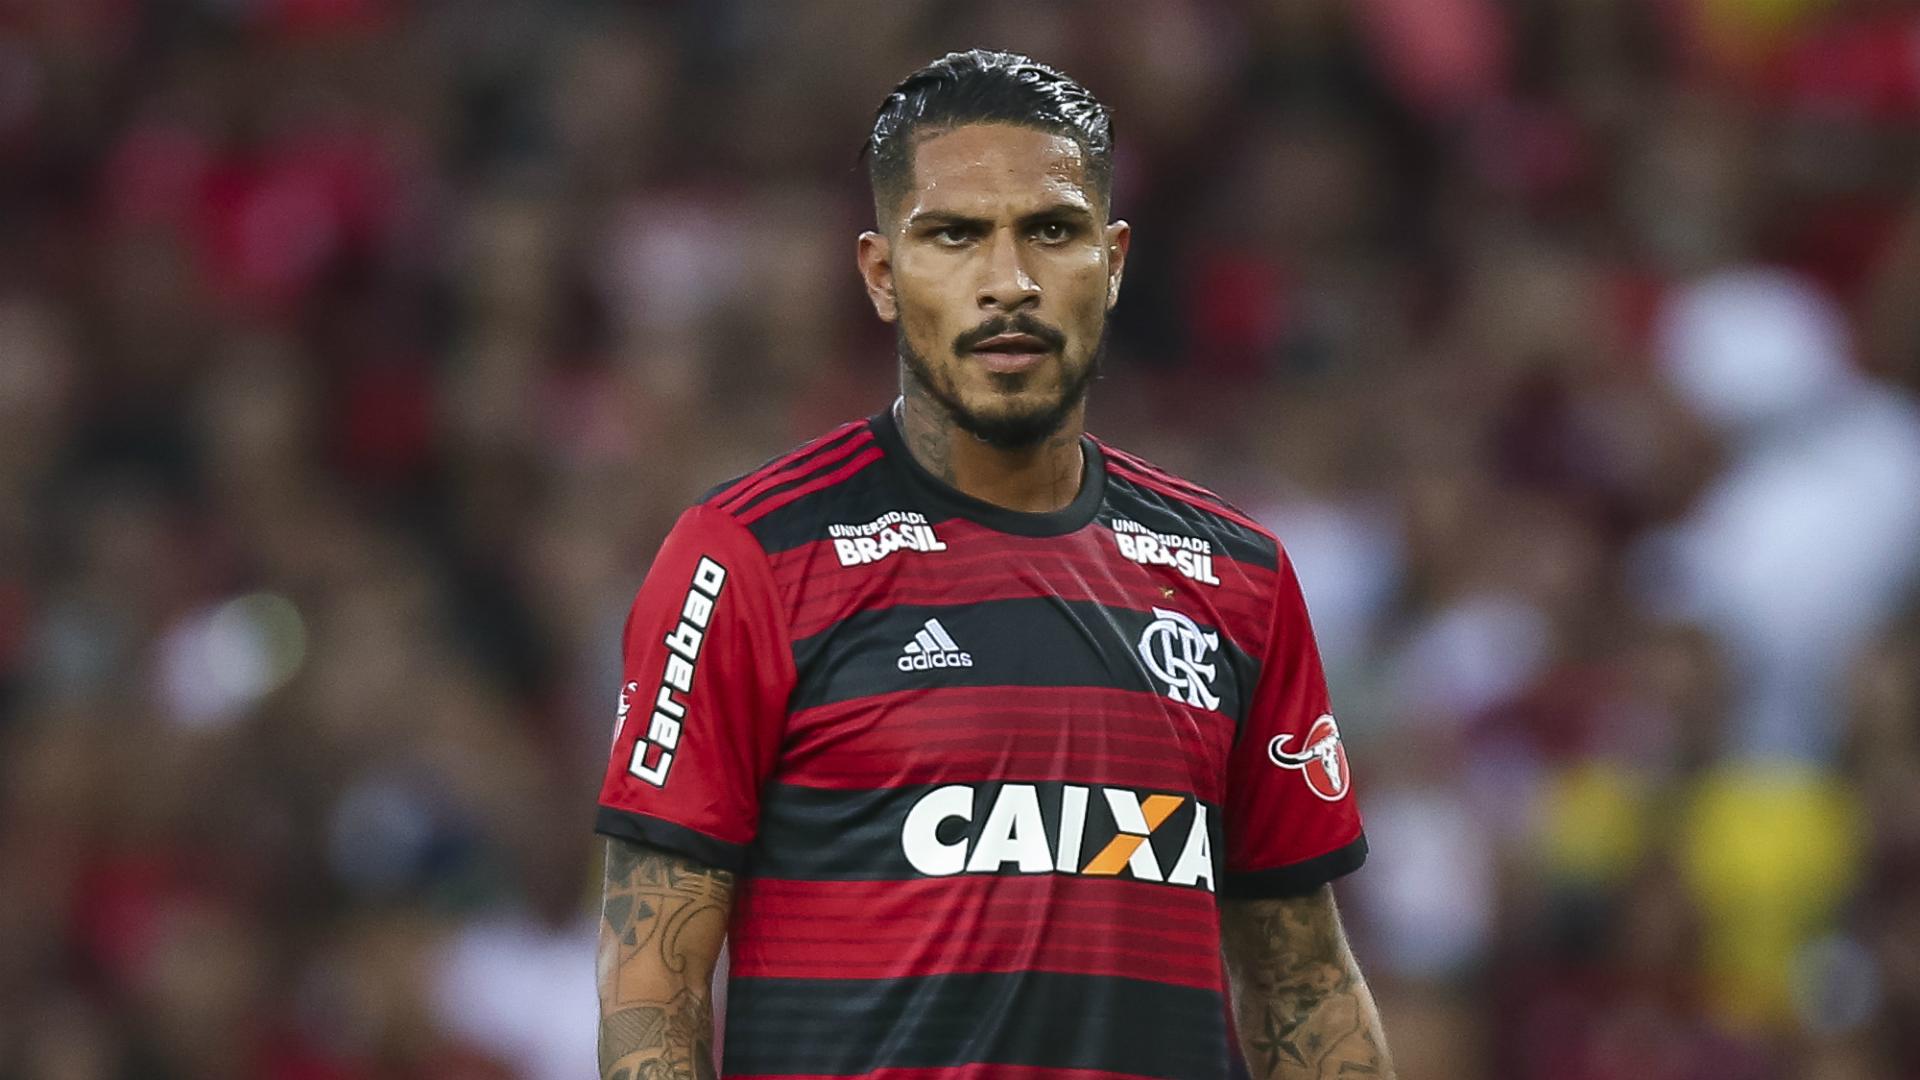 Lo que dice la prensa brasileña sobre su rendimiento actual — Paolo Guerrero